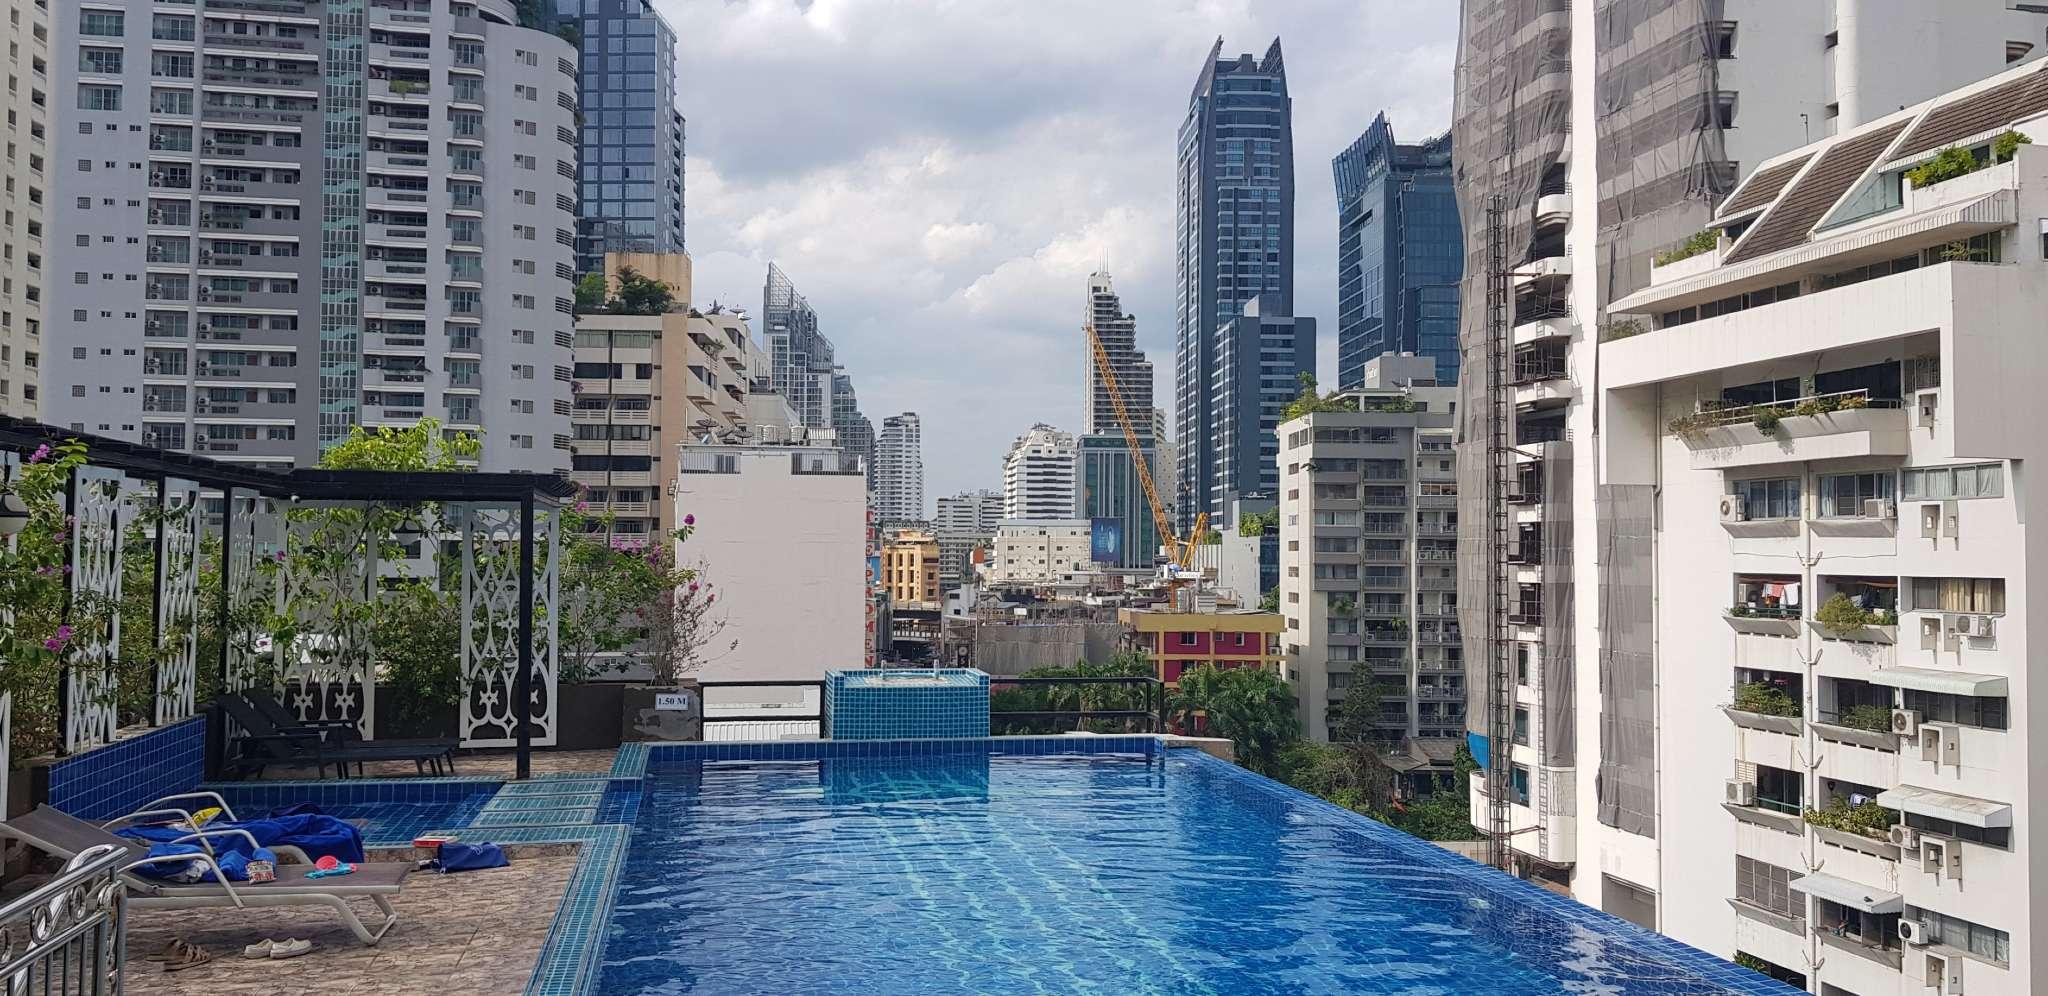 Het zwembad op het dak van Hope Land Hotel Sukhumvit 8 in Bangkok, Thailand